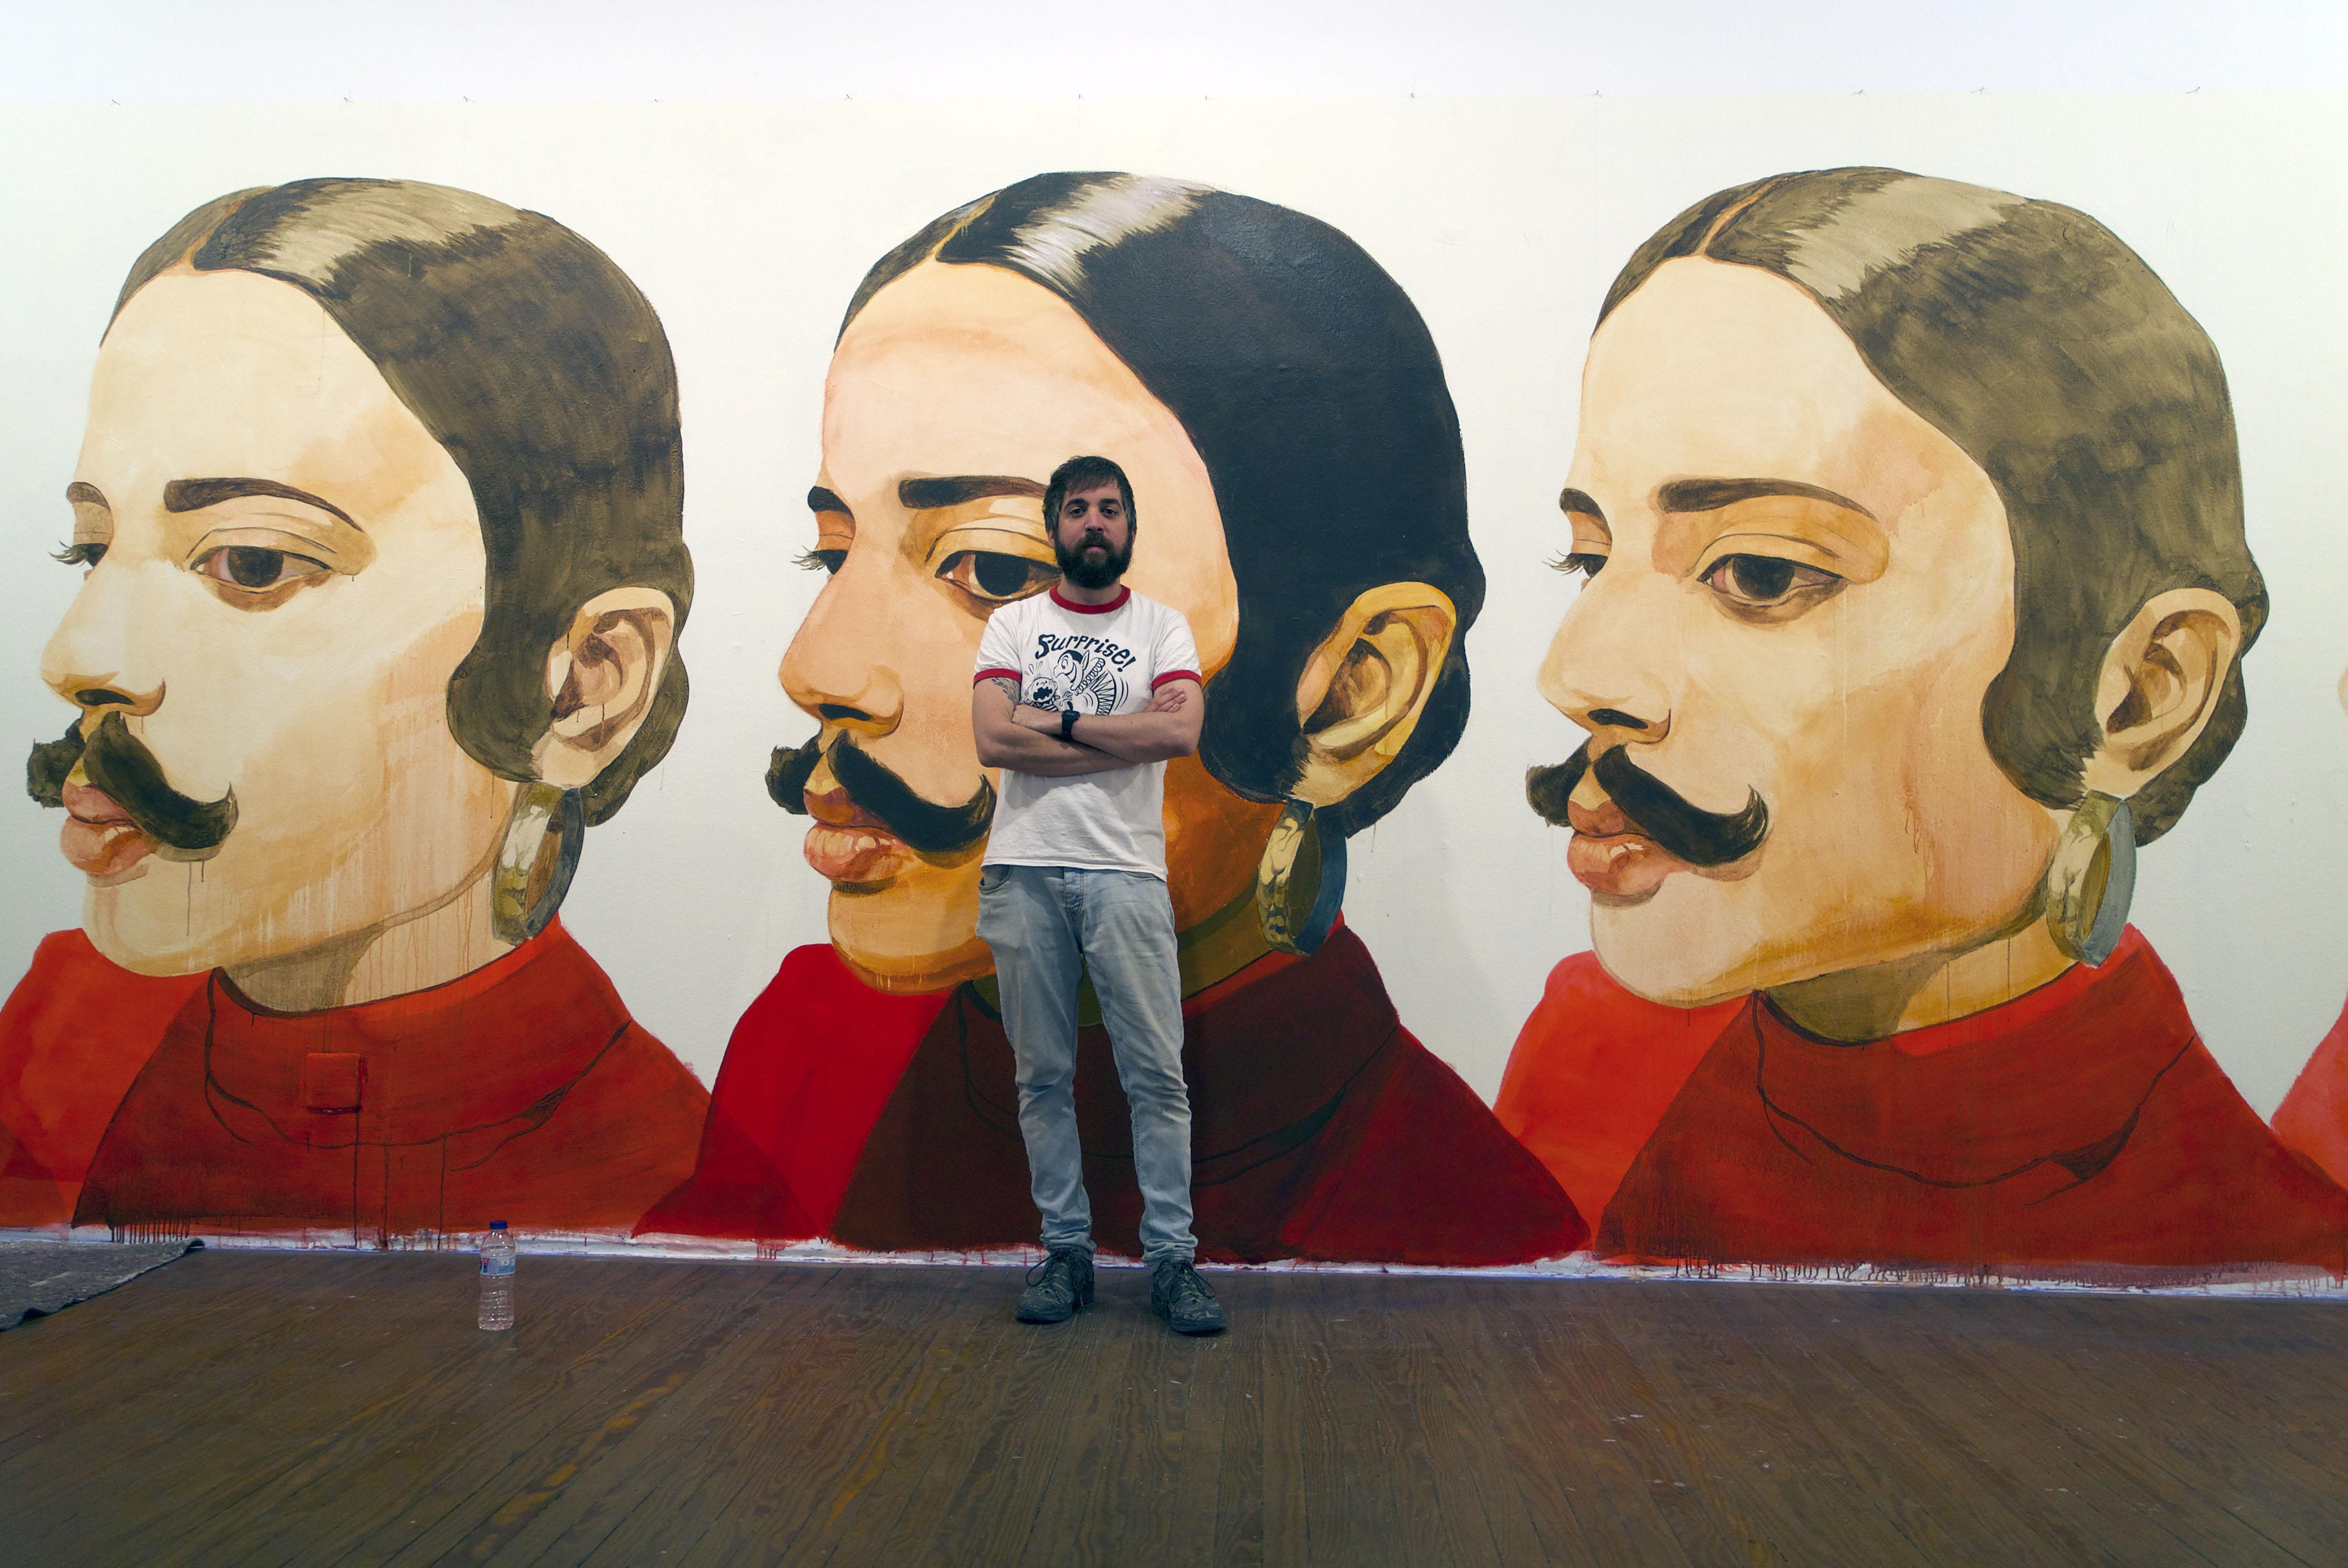 David de Las Heras, artista